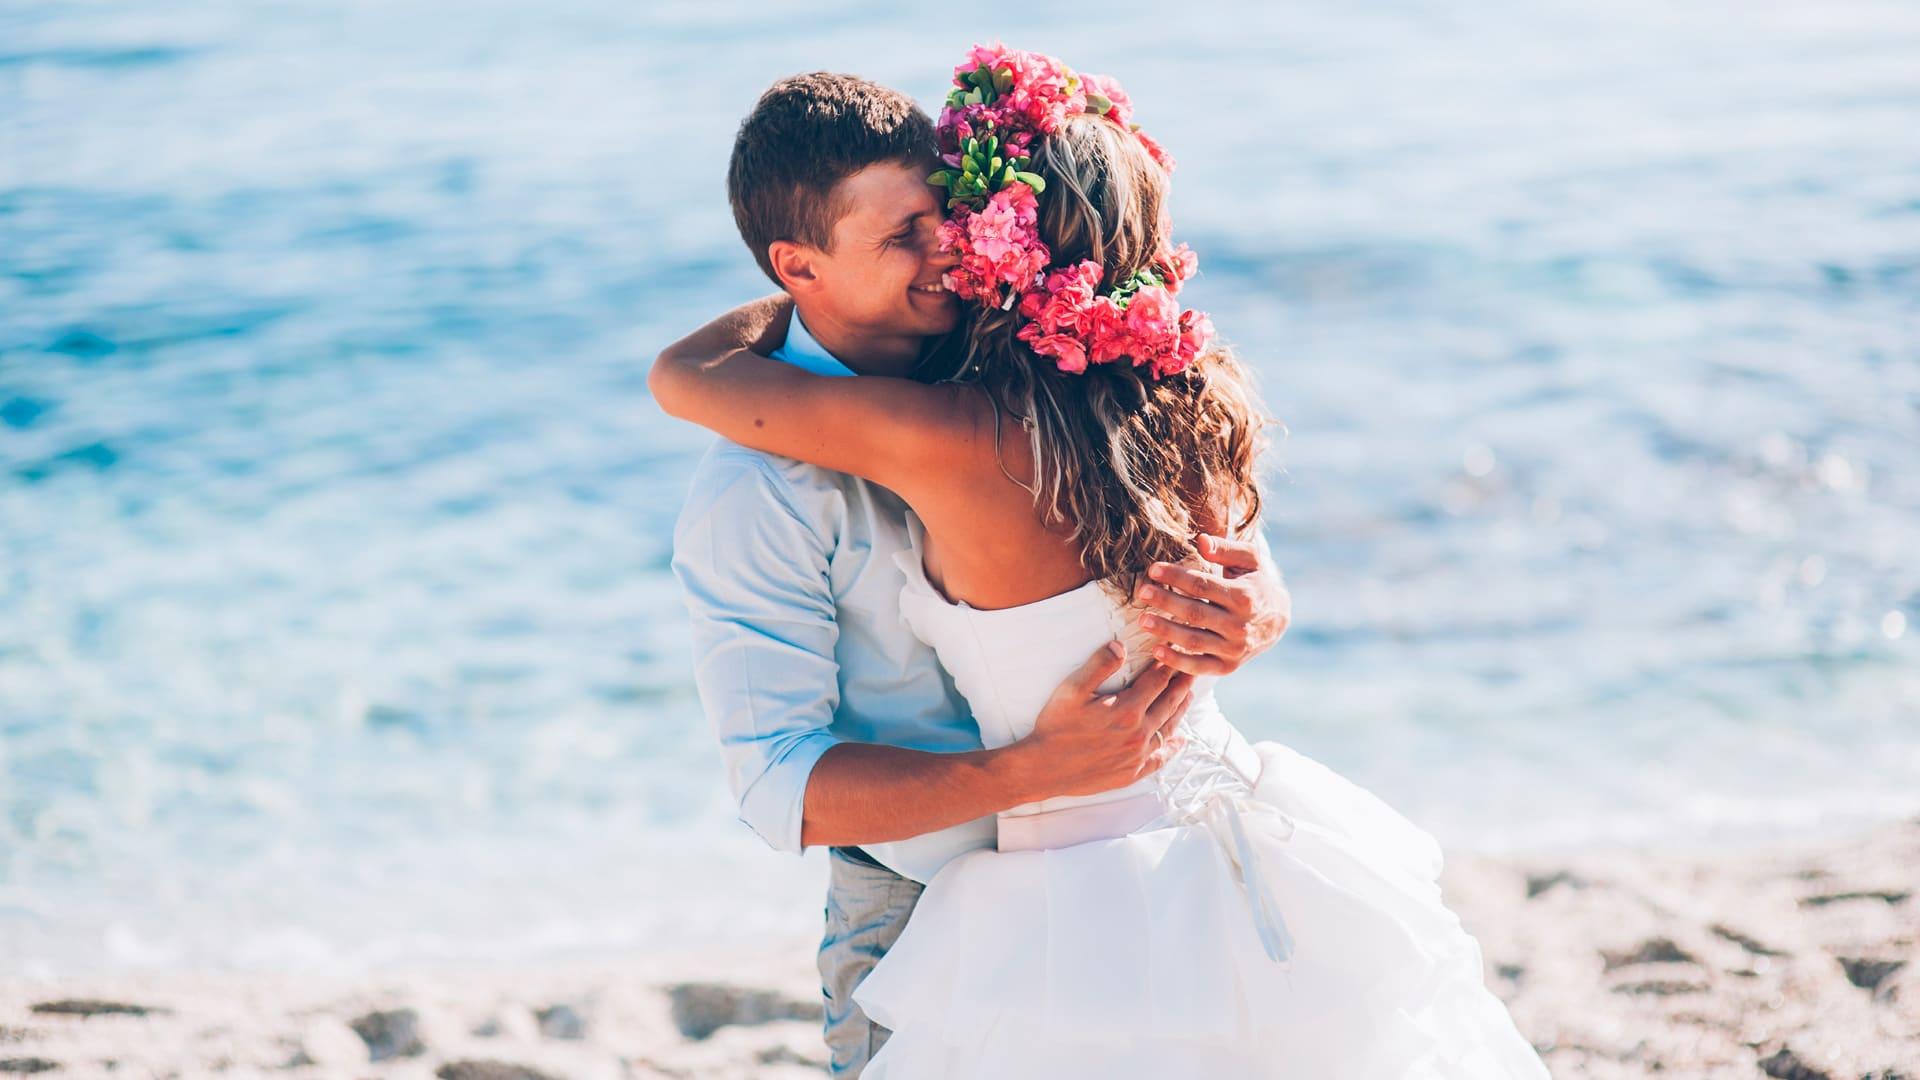 Matrimonio Spiaggia Eventi : Matrimonio in spiaggia organizzazione agenzia